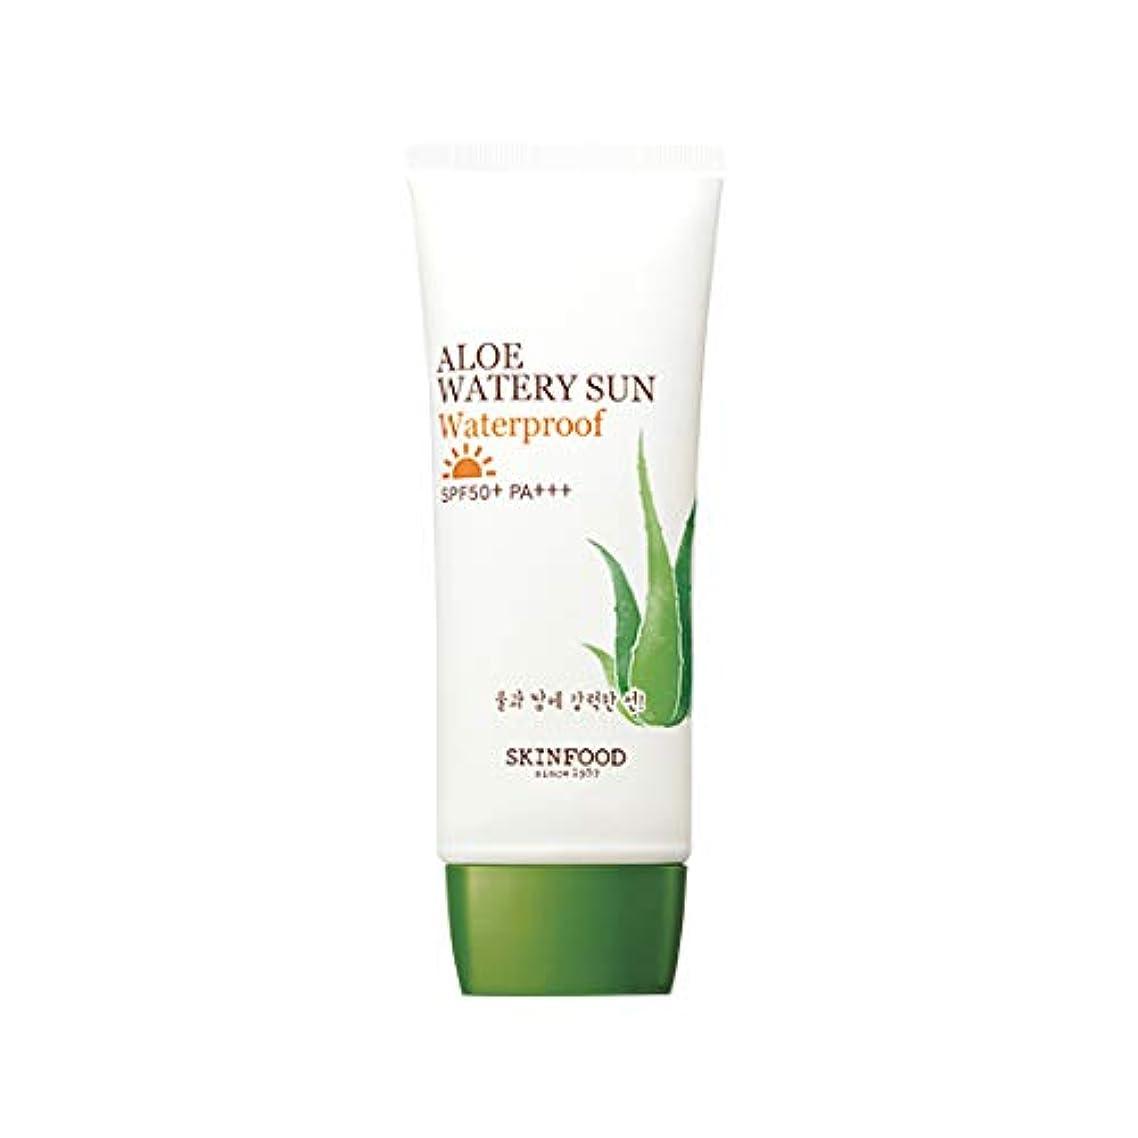 砂漠しばしば解説Skinfood アロエウォーターサンプルーフSPF50 + PA +++ / Aloe Watery Sun Waterproof SPF50+ PA+++ 50ml [並行輸入品]